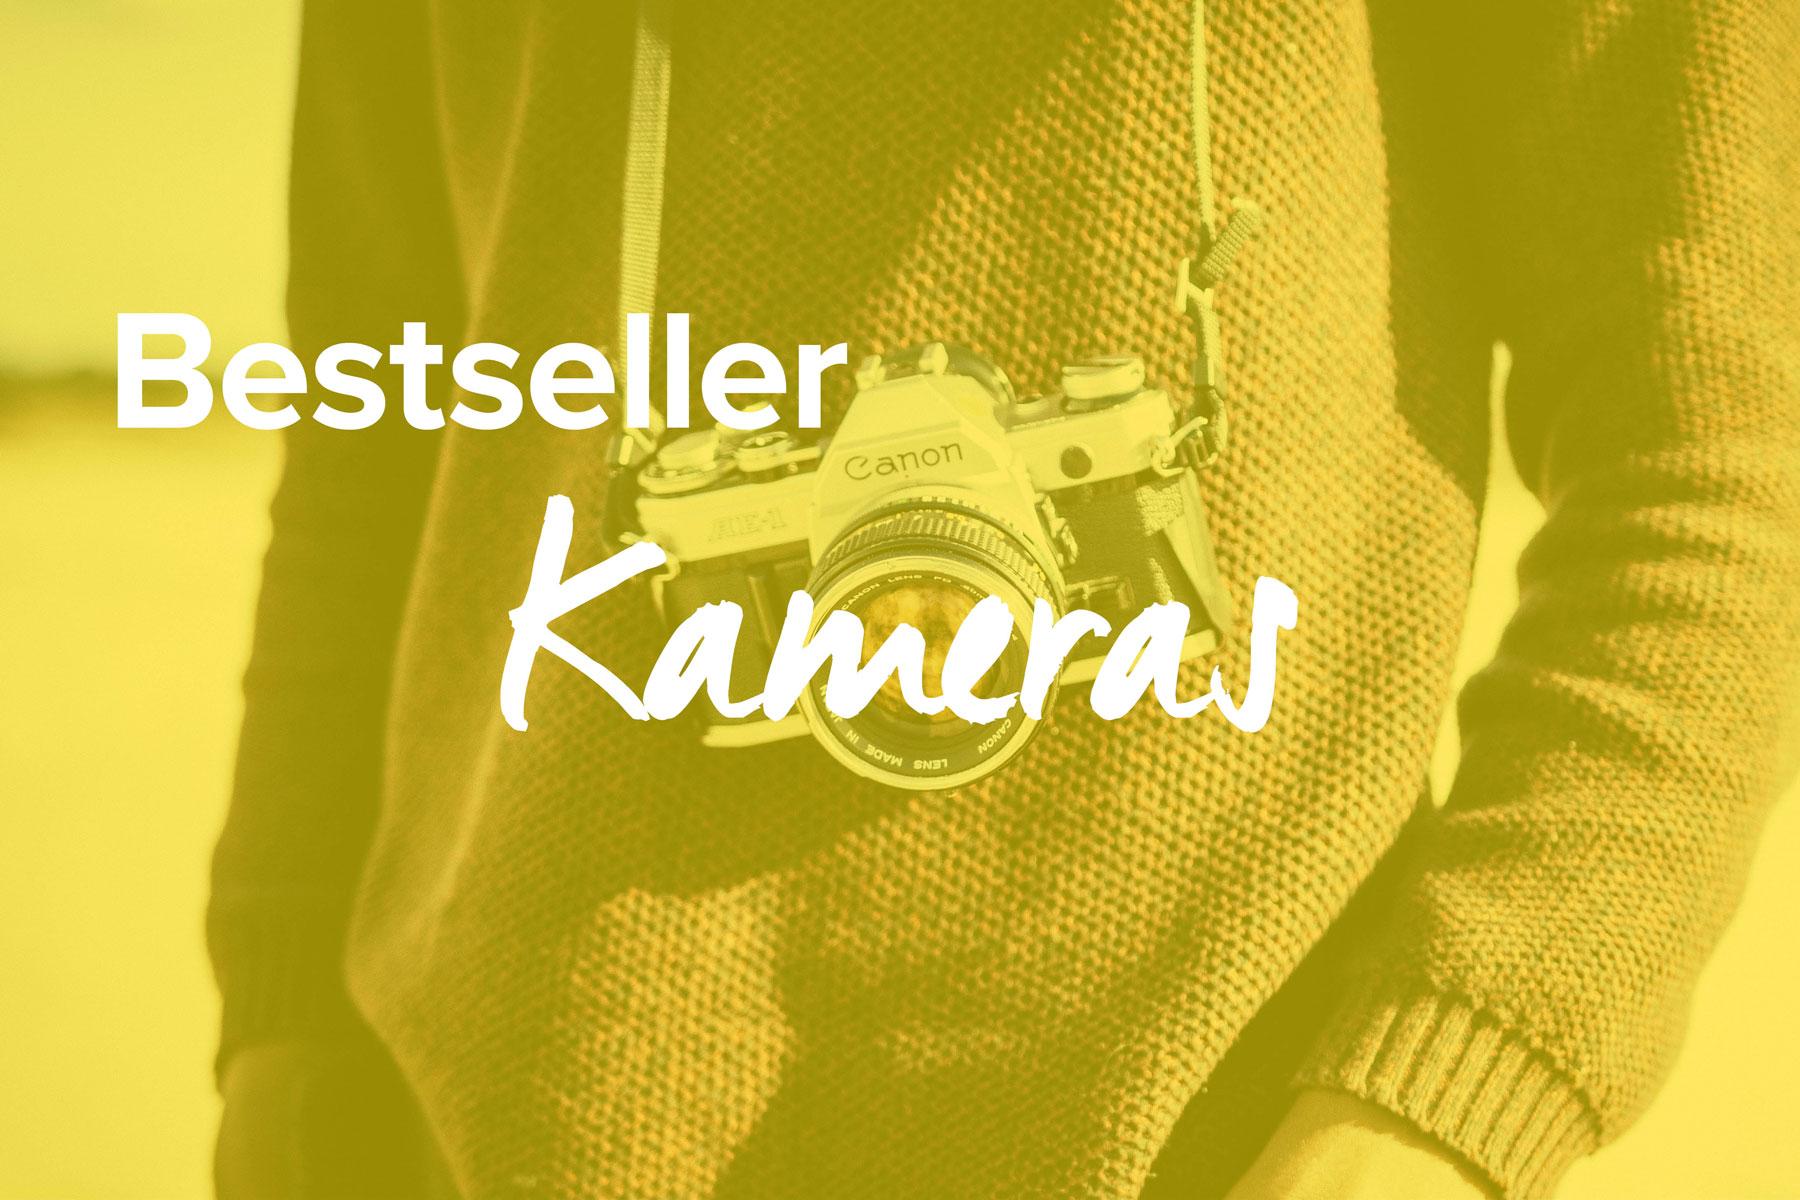 Bestseller Kameras